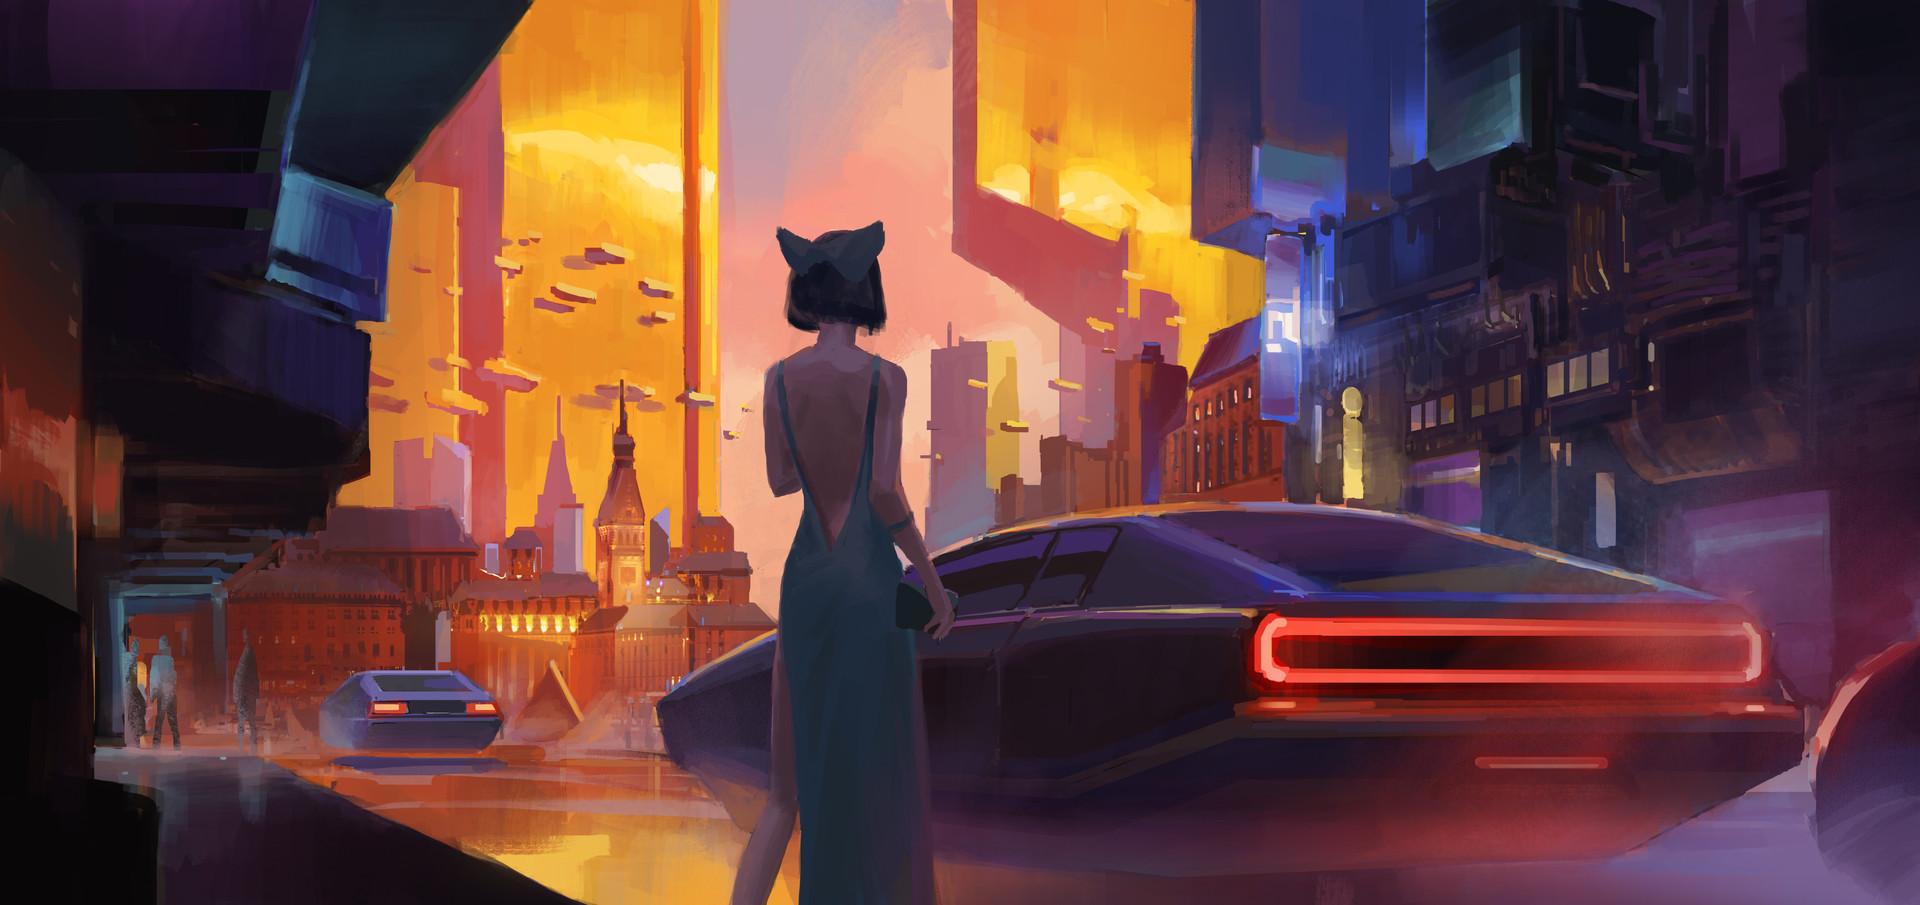 Фото Девушка в длинном платье стоит перед авто, by Frank Hong